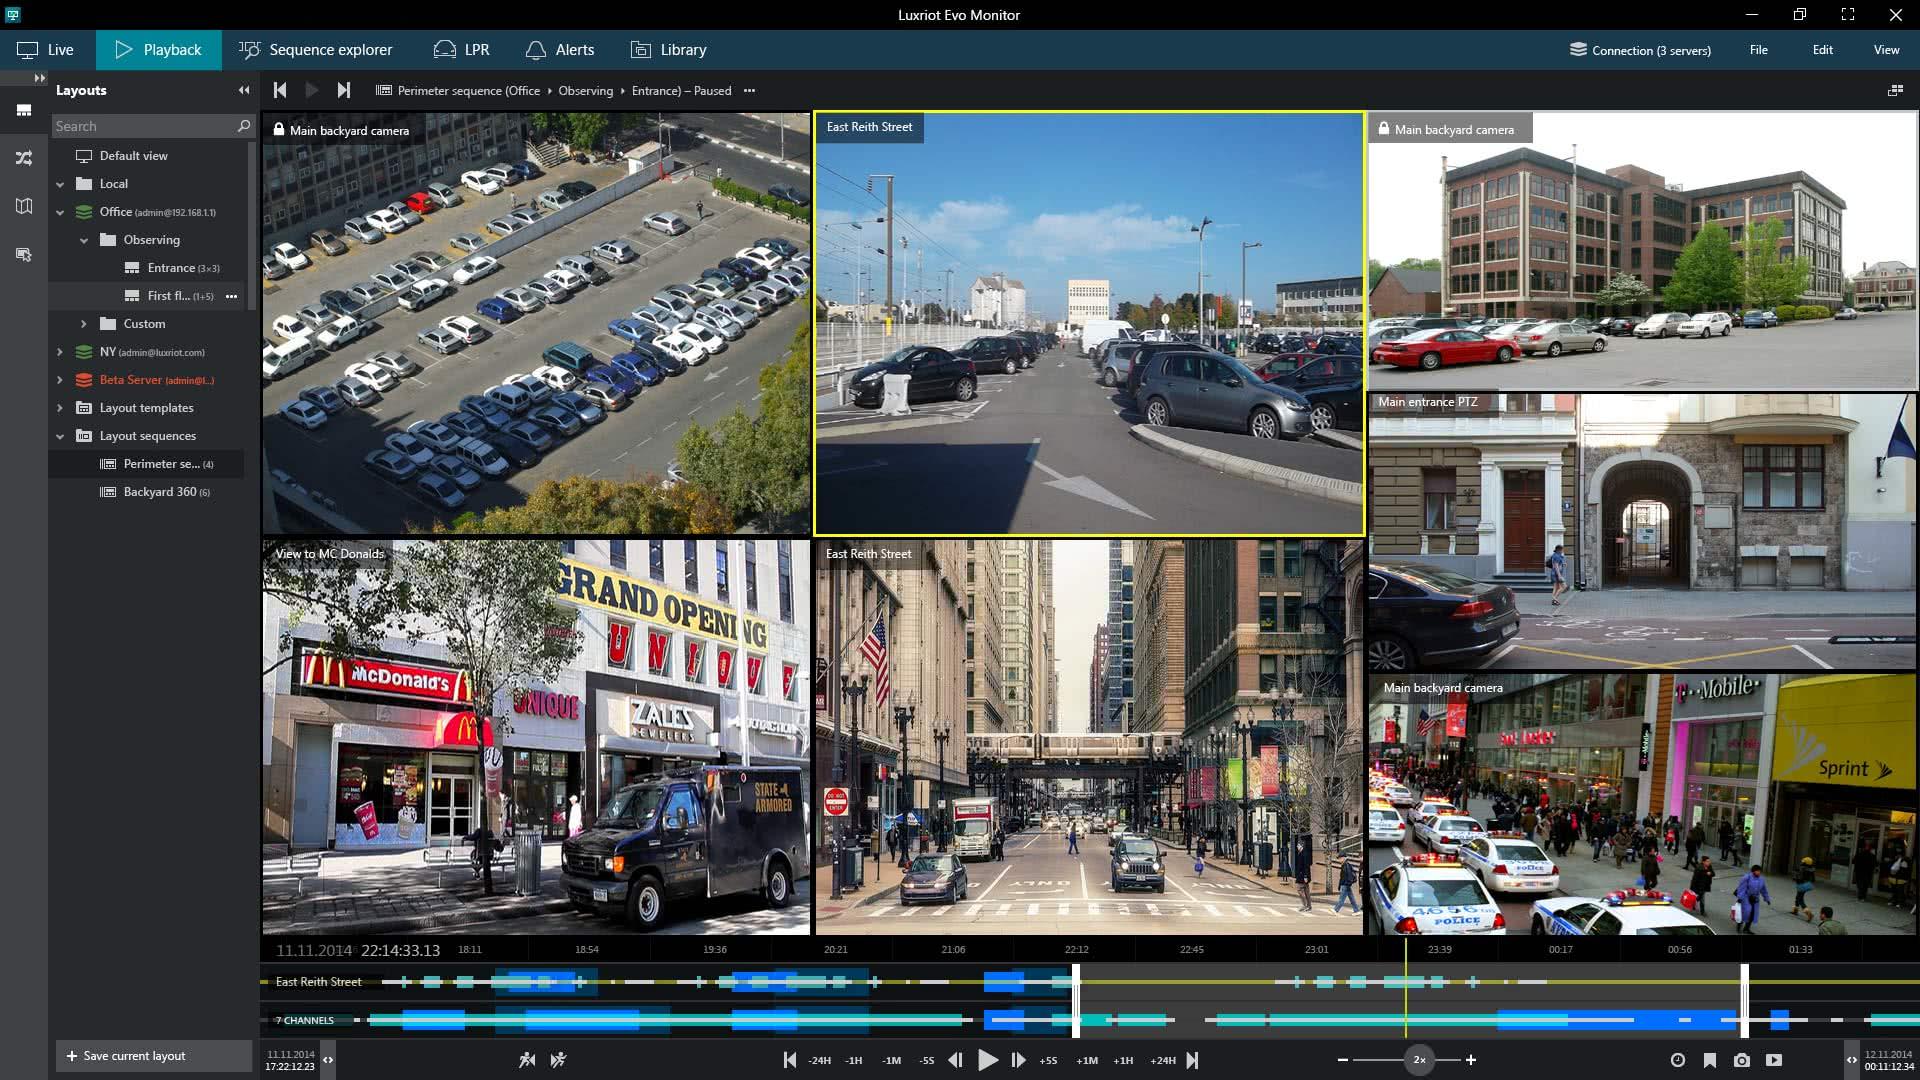 نرم افزار DVR برای کامپیوتر Luxriot EVO